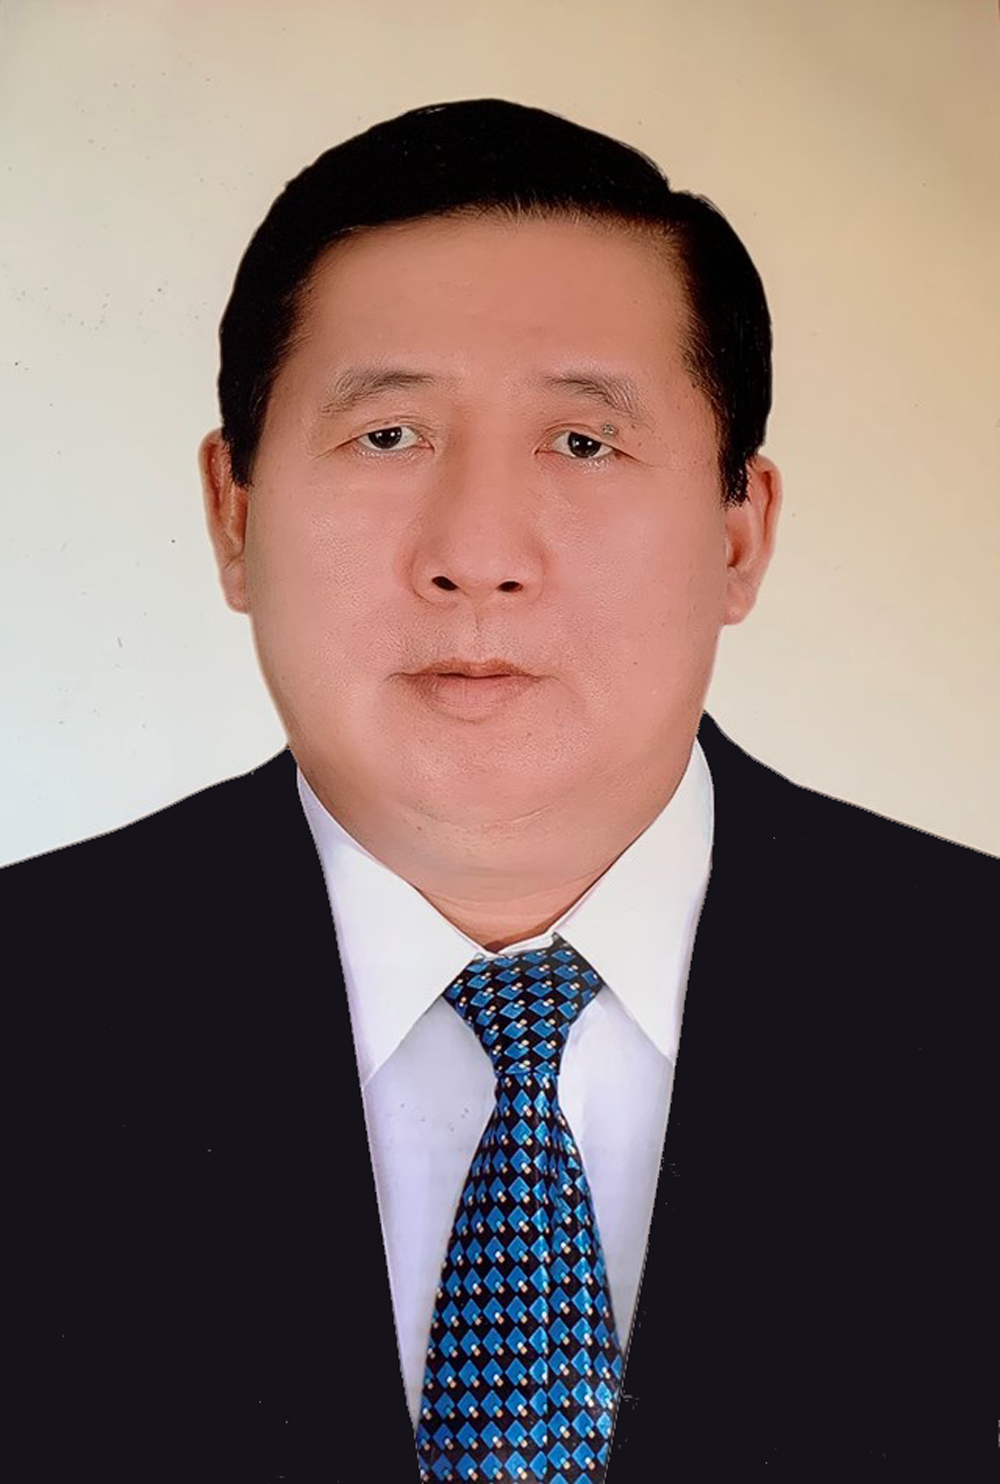 Ông Hà Văn Núi, Ủy viên, Đoàn Chủ tịch, Ủy ban Trung ương Mặt trận Tổ quốc Việt Nam, Phó Chủ tịch